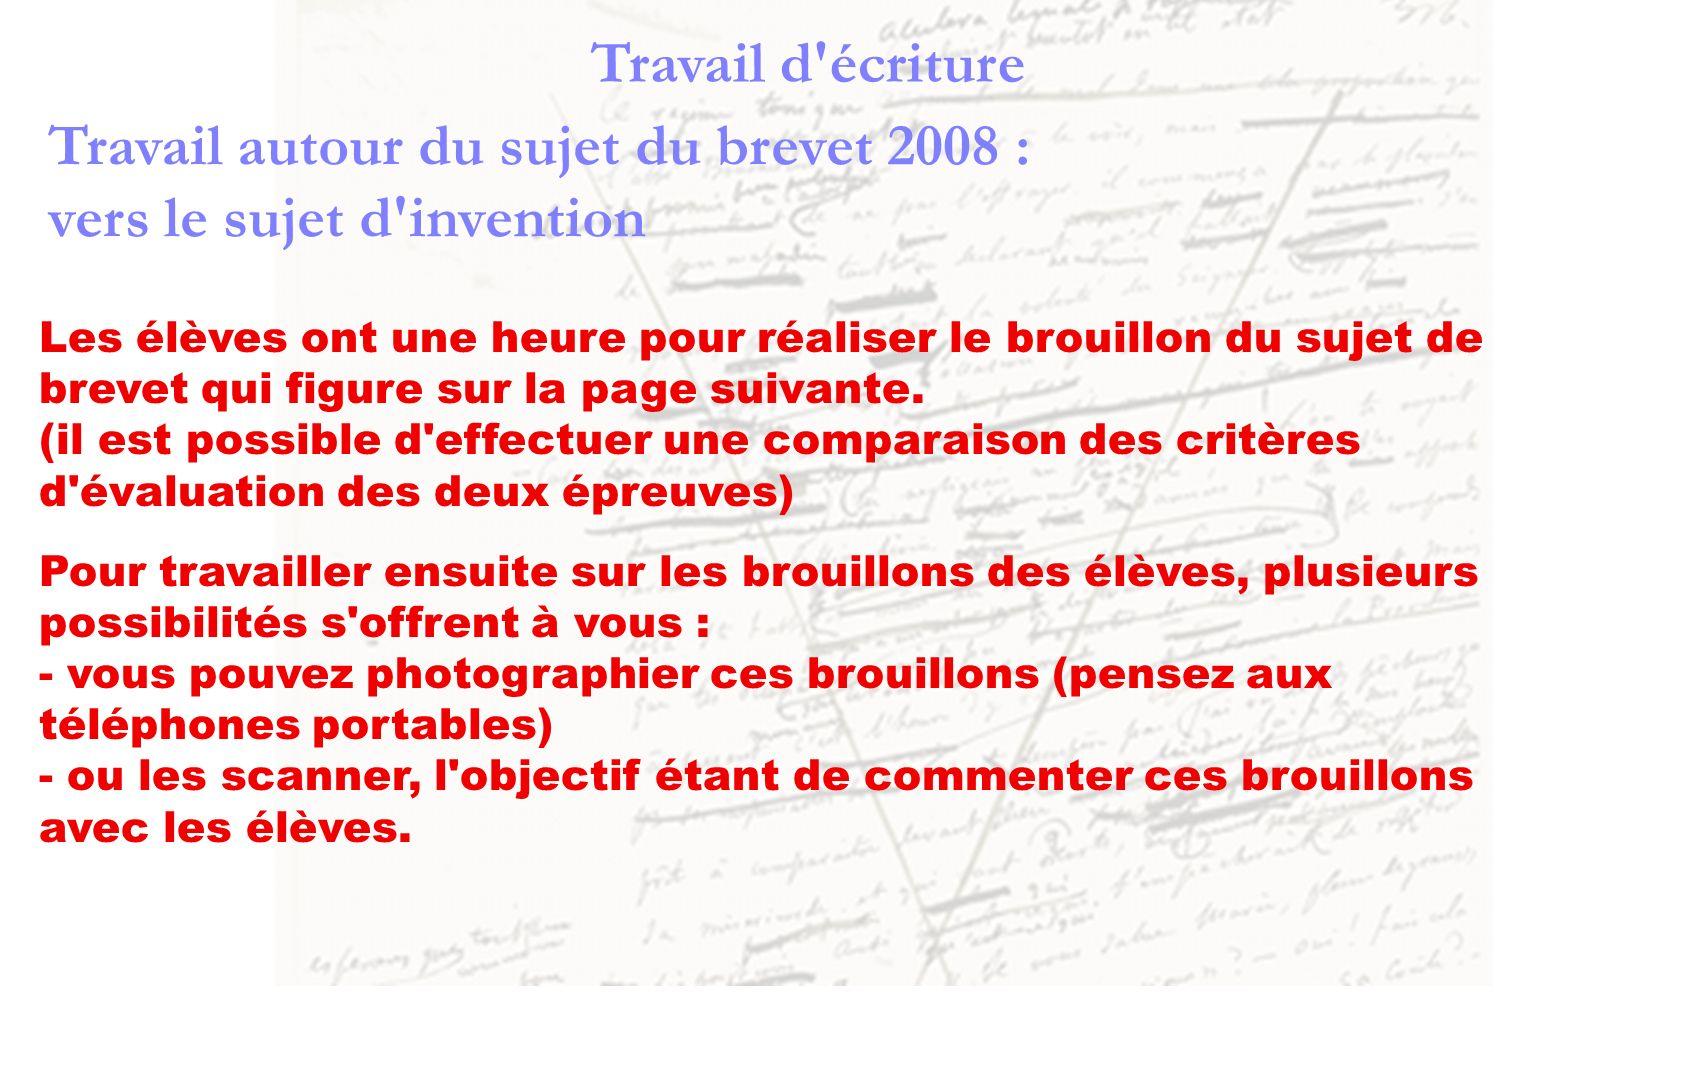 18401902 18211880 1799 1850 1893 Repères culturels : histoire littéraire réalisez une frise chronologique sur laquelle vous placerez les écrivains étudiés en y associant la photographie correspondante.